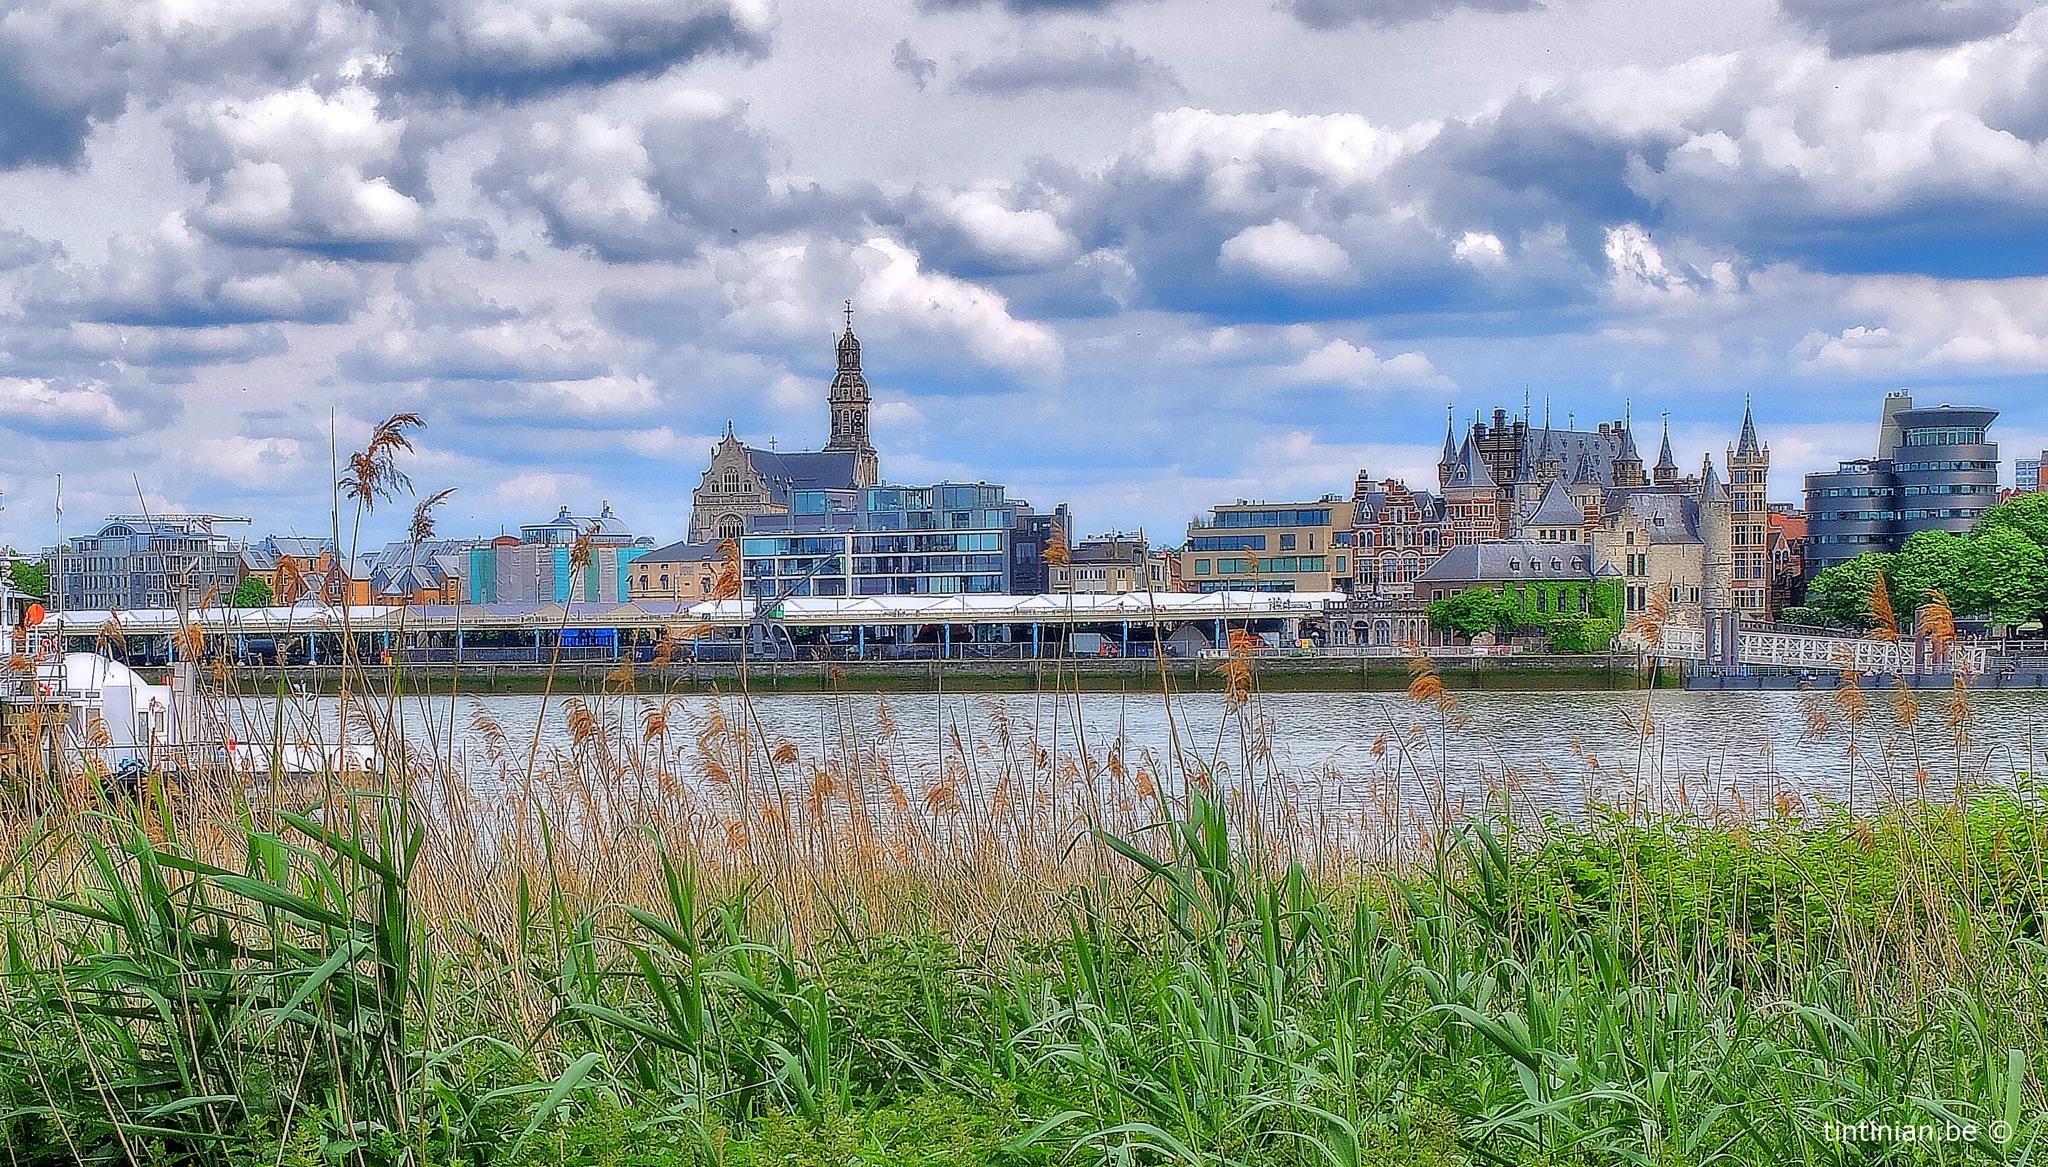 Antwerp Skyline by Etienne de Maeyer